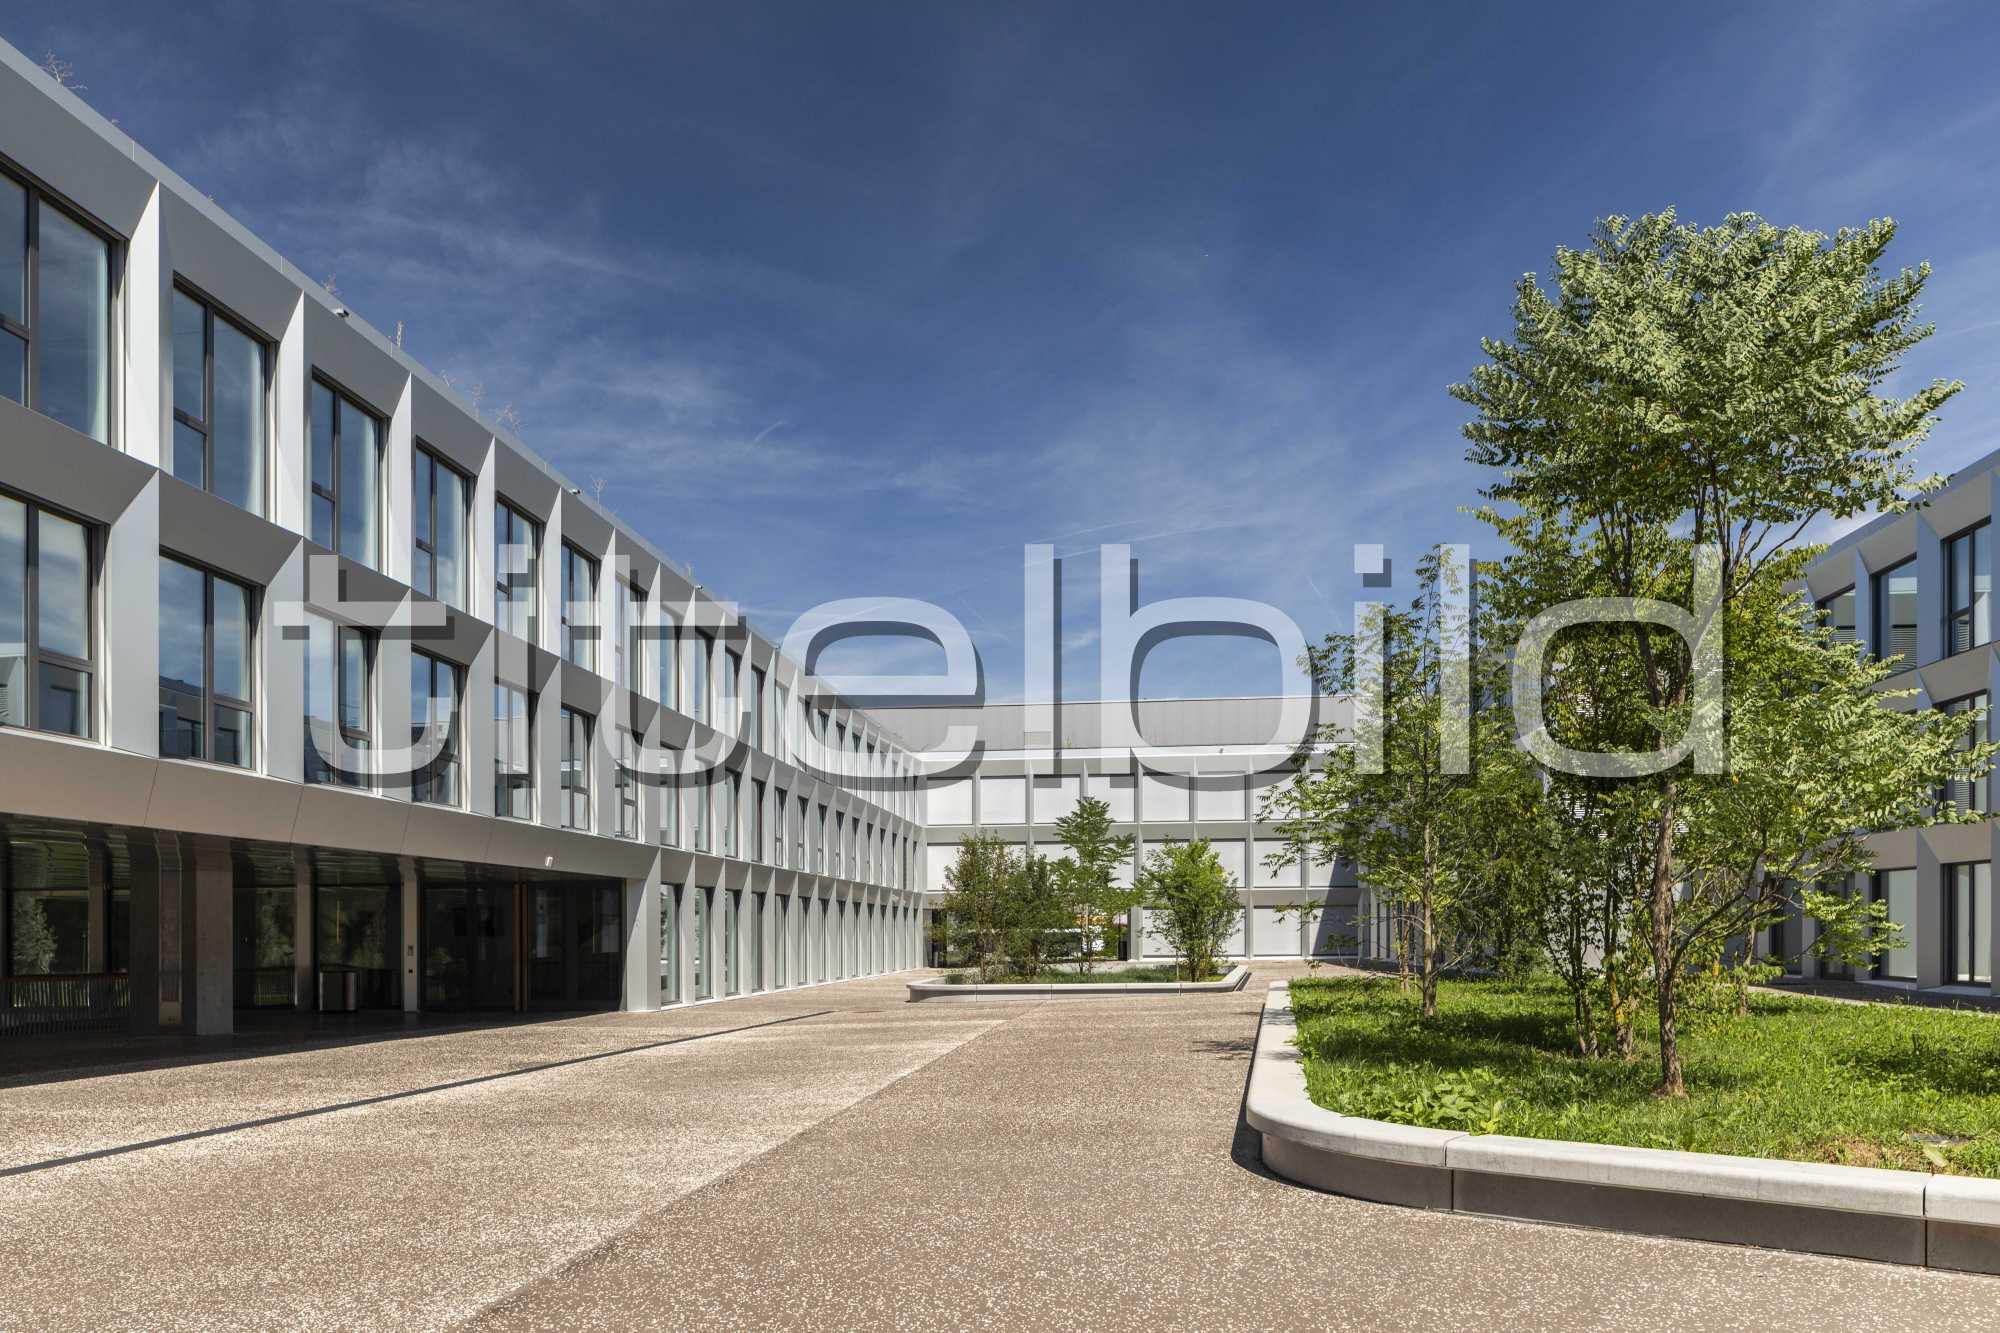 Projektbild-Nr. 3: BZU Bildungszentrum